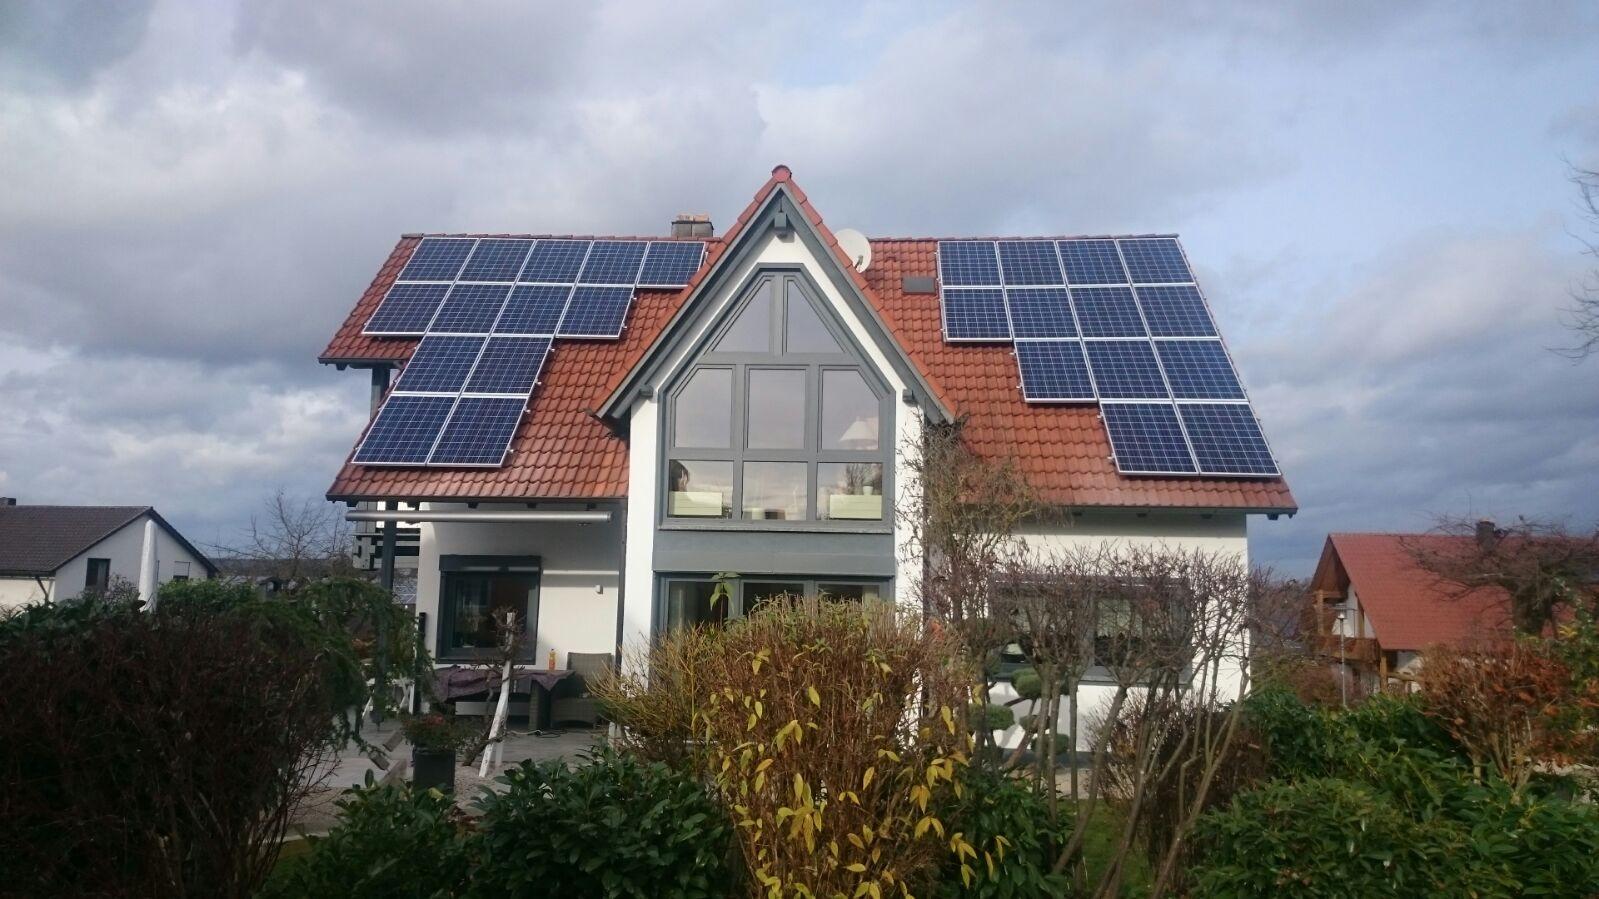 6,86 kWp Photovoltaikanlage mit Solarwatt Glas/Glas Module 30 Jahre Garantie mit Senec 5 Lithium Speicher in Burglengenfeld